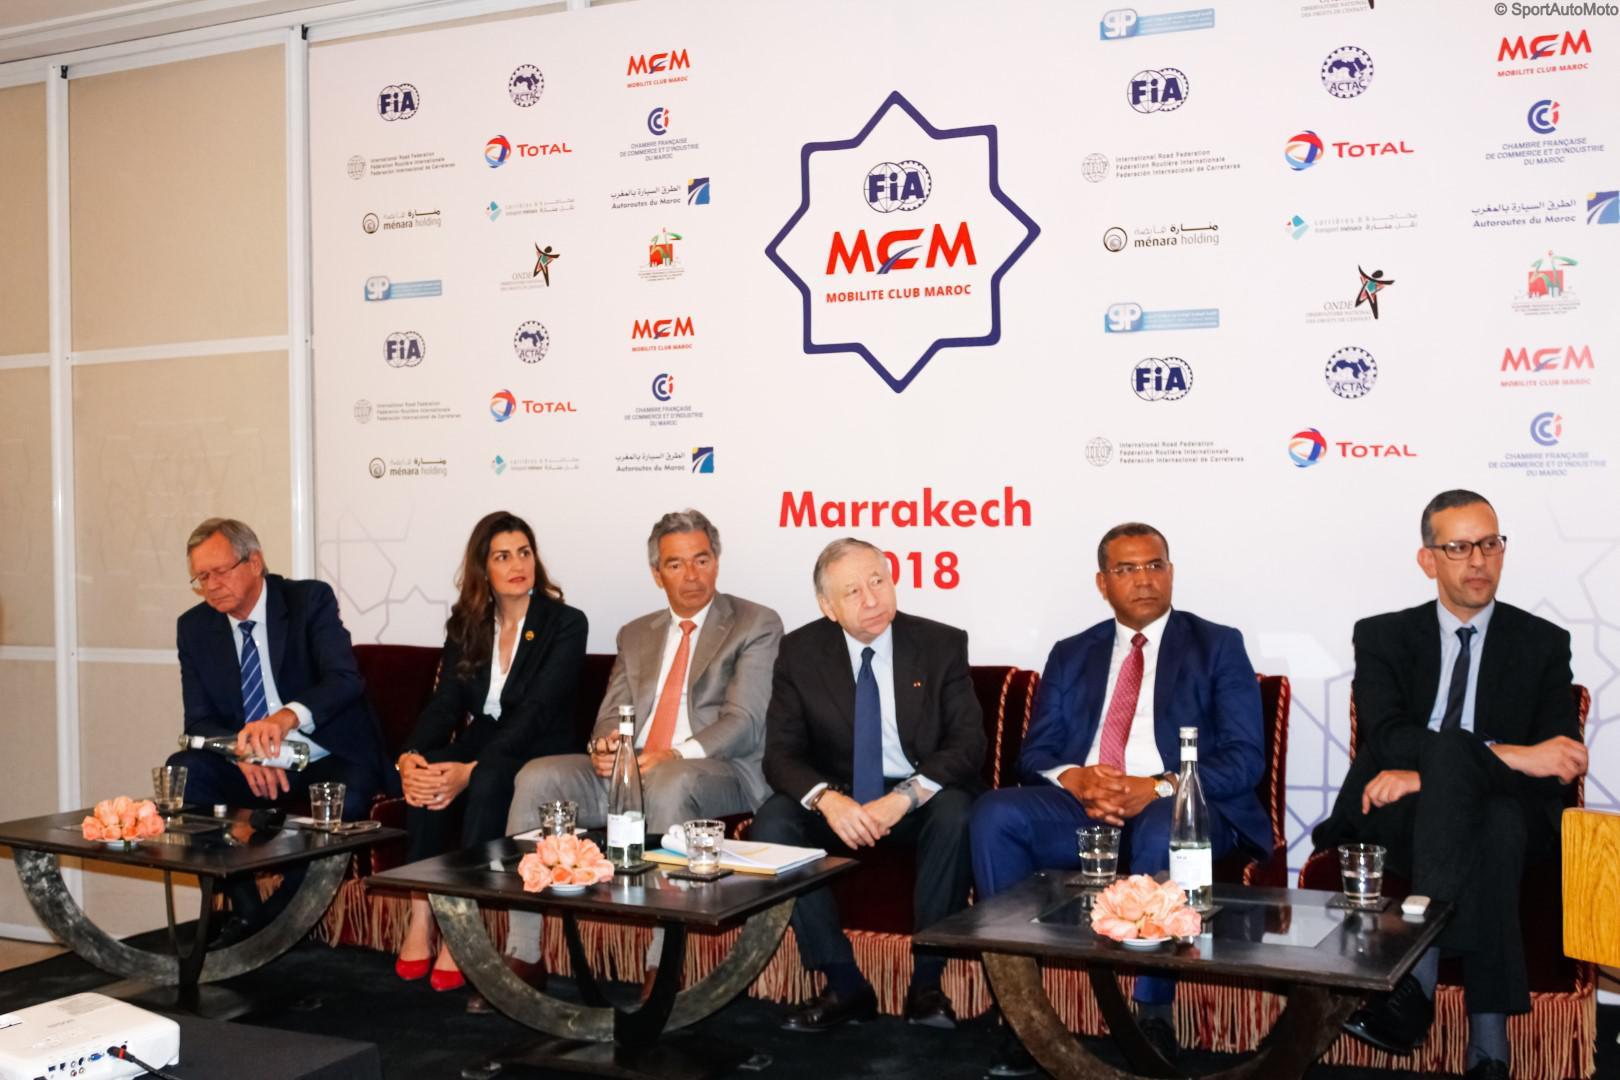 mobilite-club-maroc-mcm-devoile-son-programme-et-ses-partenariats-786-2.jpg